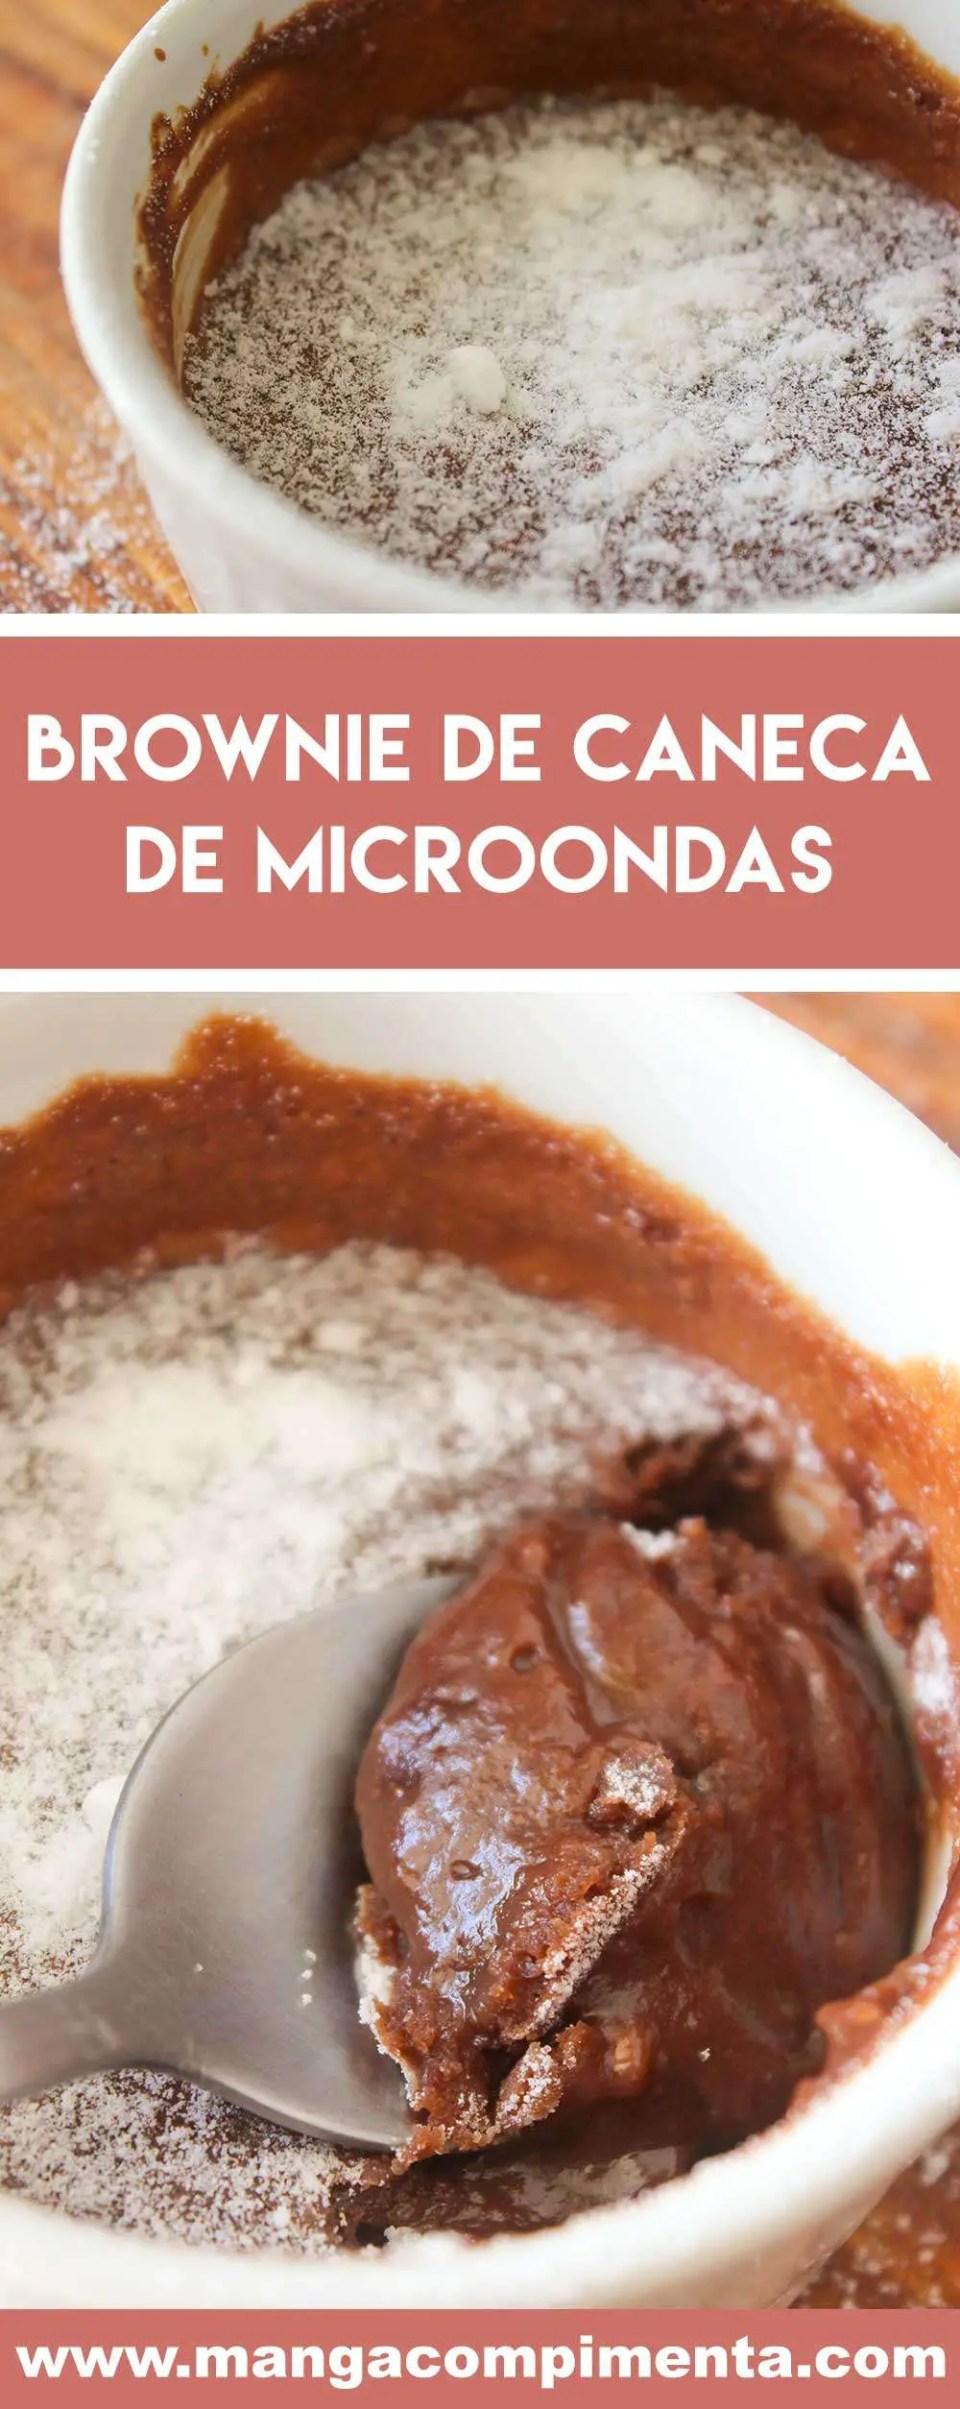 Receita de Brownie de Caneca de Micro-ondas - uma sobremesa vapt-vupt para quem está com vontade de comer um docinho.